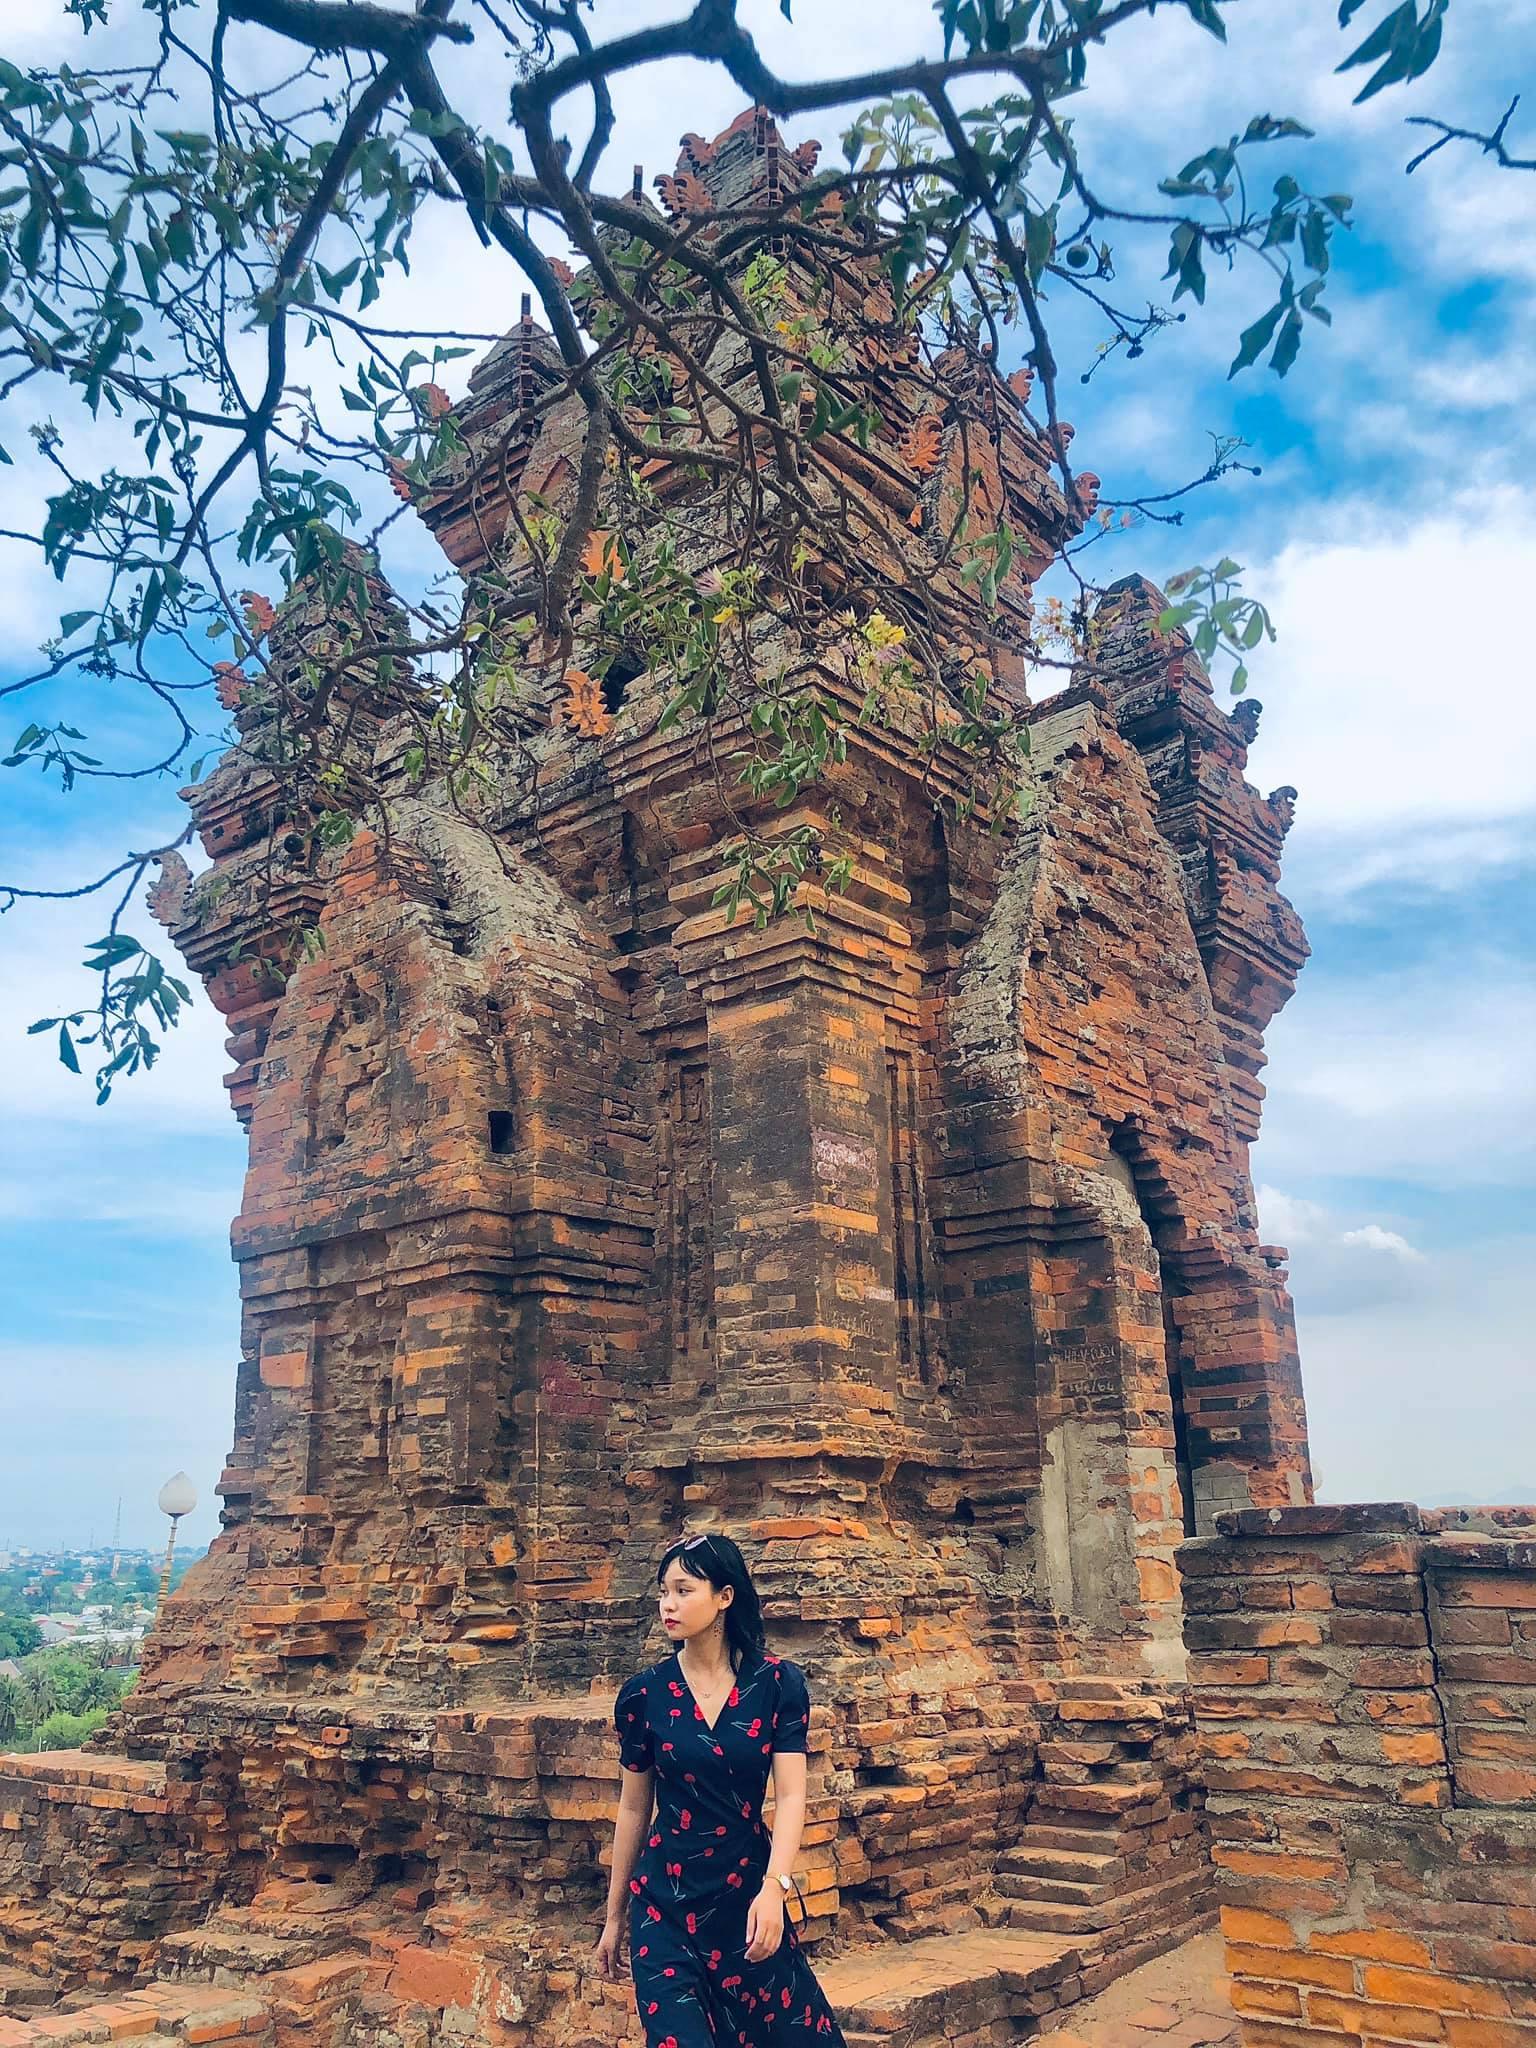 thap Tháp Poklong Garai ;ịch trình Ninh Thuận Bình Thuận 4N3Đ